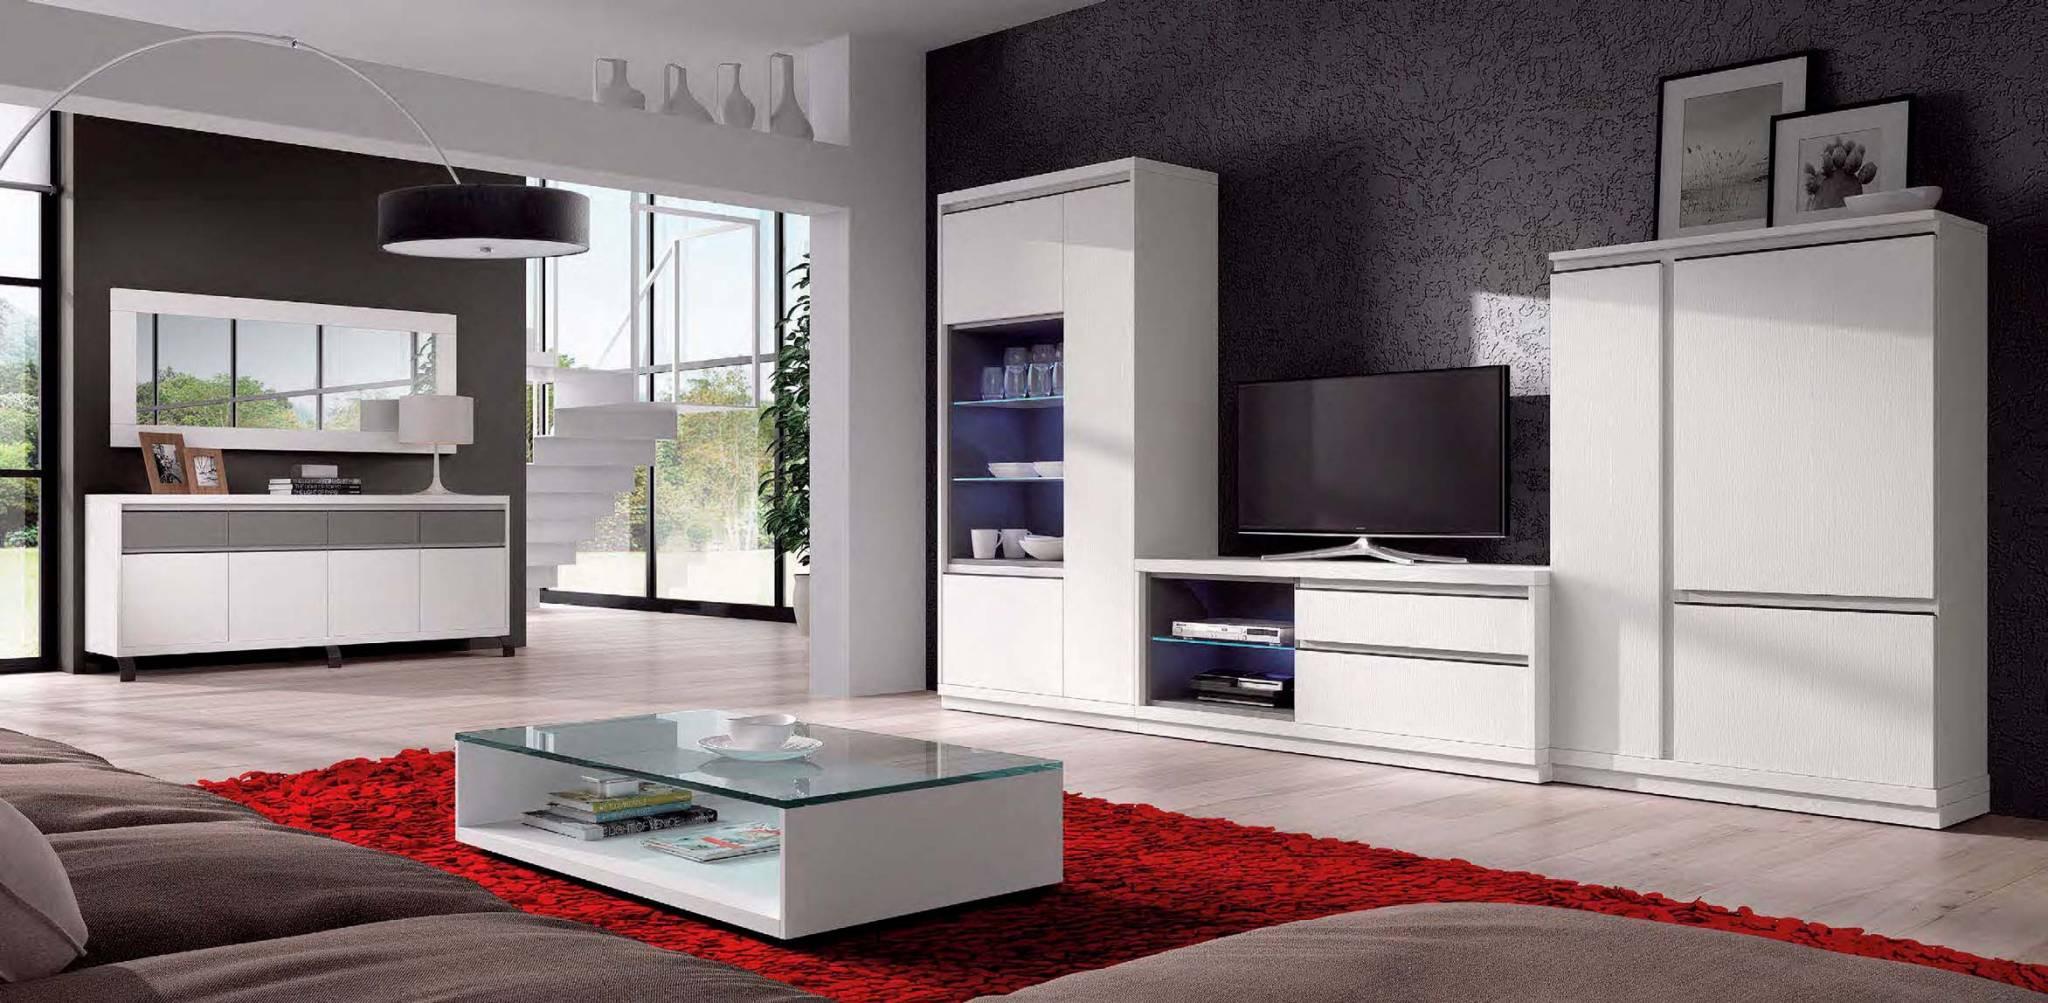 Sal n moderno villafre muebles d azmuebles d az for Salones mezcla clasico moderno